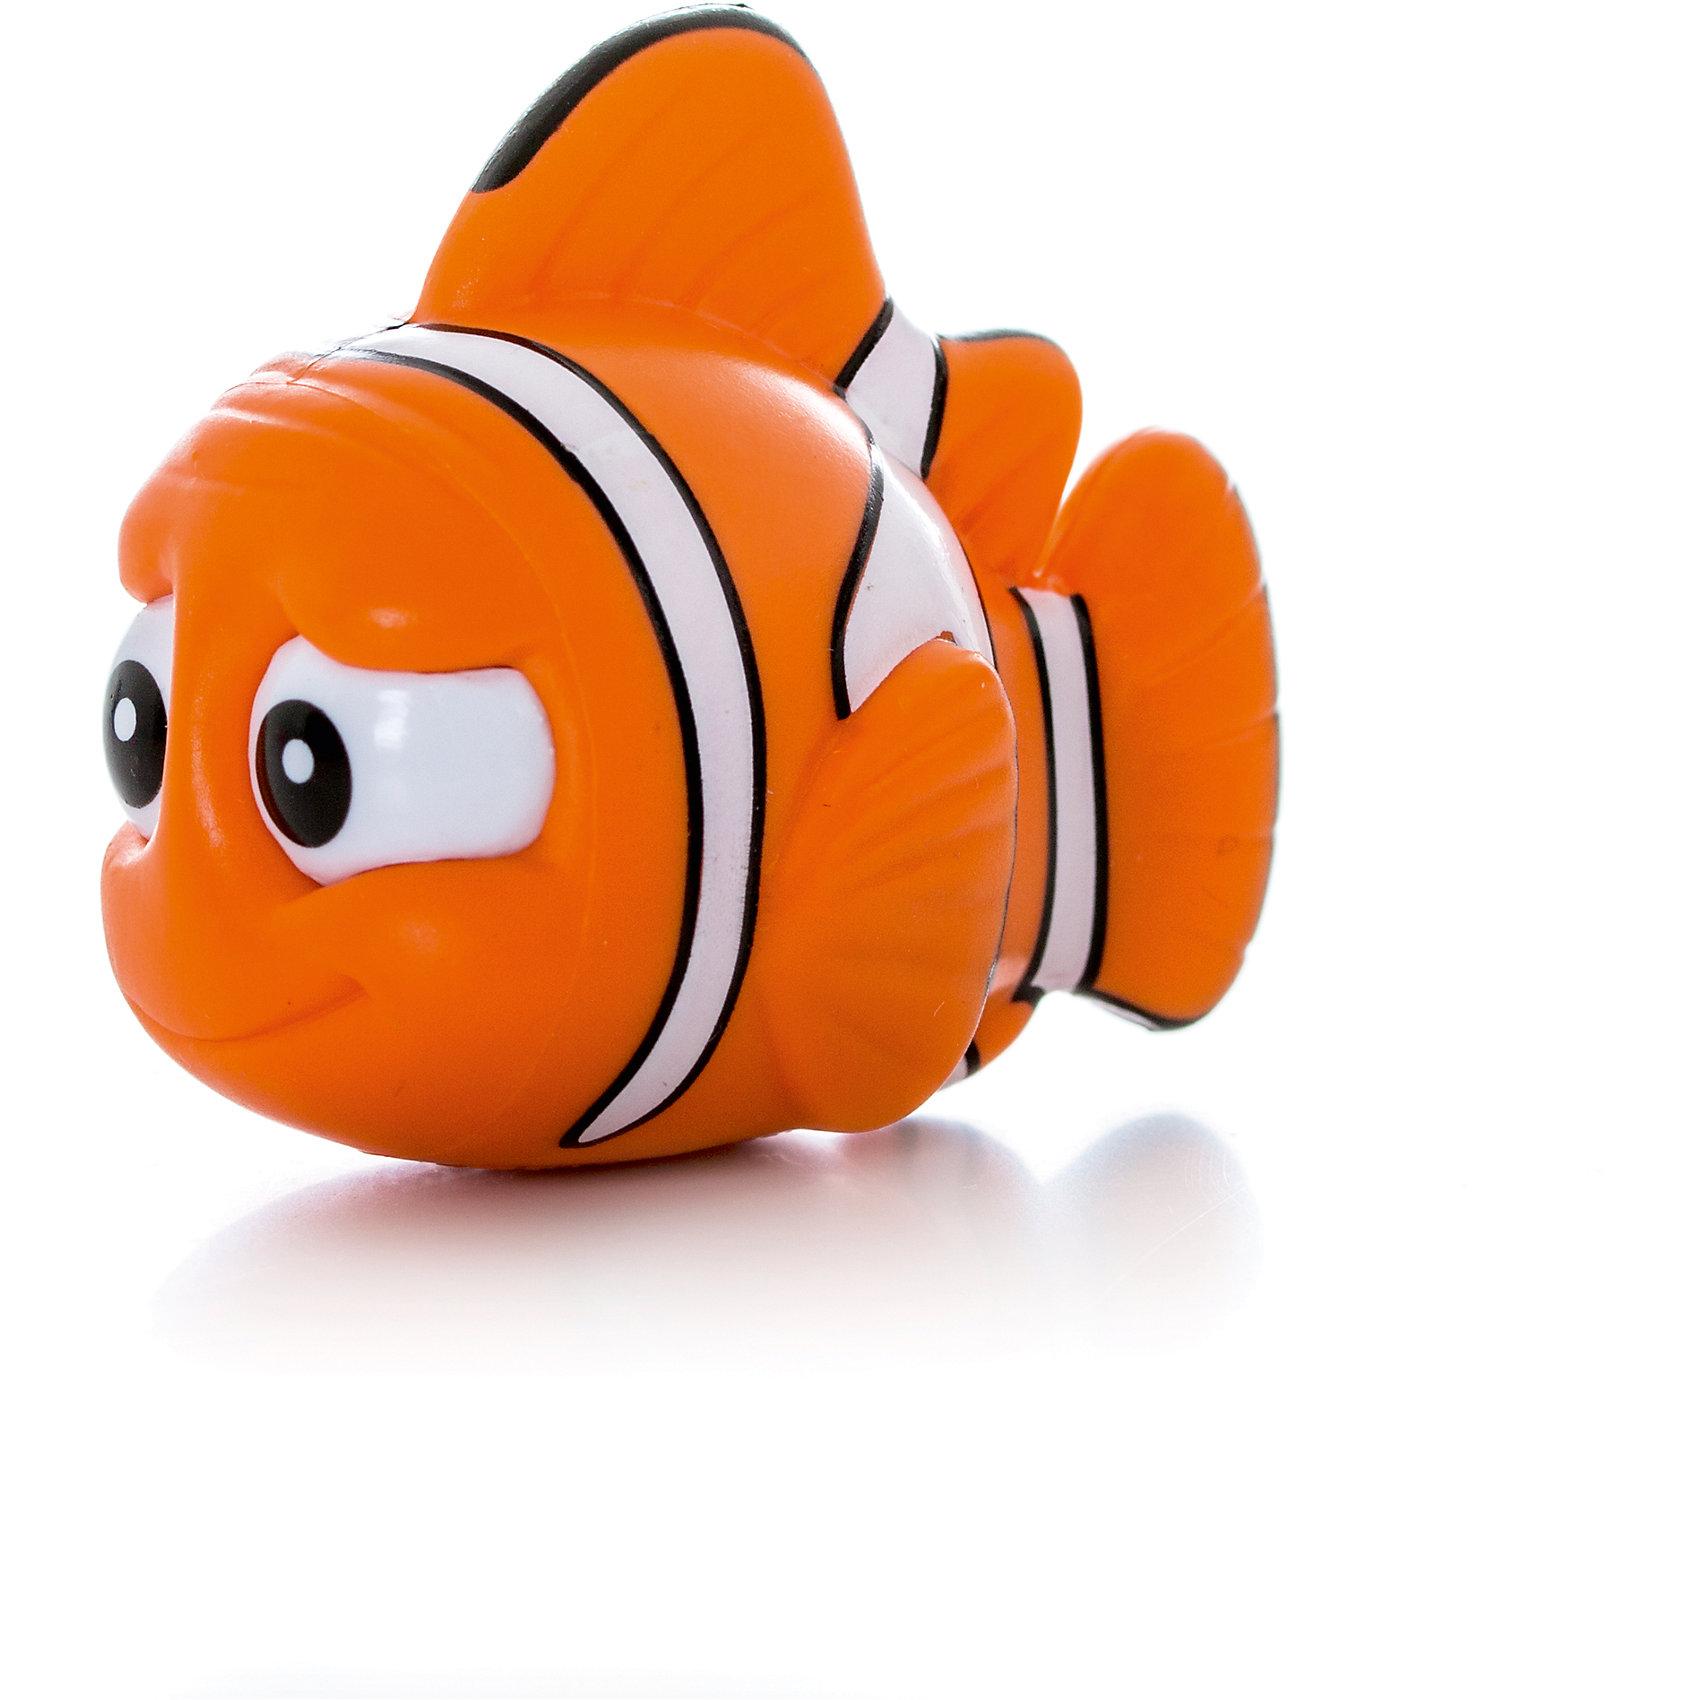 Фигурка подводного обитателя Марлин, 4-5см, В поисках ДориХарактеристики фигурки подводного обитателя Марлин:<br><br>- возраст: 1<br>- пол: для мальчиков, для девочек<br>- размер упаковки: 0.130 * 0.020 * 0.090 м<br>- вес: 0.058 кг<br>- бренд: finding dory (bandai)<br>- страна производства: Китай<br>- страна бренда: Япония<br><br>Фигурка подводного обитателя создана по мотивам мультипликационного фильма В поисках Дори, сюжет которого повествует о рыбке, которая отправилась в путешествие, чтобы найти свою семью. Фигурка выполнена с высокой степенью детализации, из качественного пластика ярких и насыщенных цветов. Фигурка рыбки выполнена по мотивам мультипликационного фильма В поисках Дори и с высокой степенью детализации, что привлечёт внимание коллекционеров. Все элементы игрушки имеют яркий насыщенный цвет. Игрушка изготовлена из высококачественного пластика, прошедшего сертификацию для производства детских товаров. Играя с фигуркой, ребёнок сможет придумать множество сюжетов для игры в подводный мир. - Игры с фигурками высотой 5 сантиметров, развивают мелкую моторику рук, фантазию и воображение малыша.<br><br>Фигурку подводного обитателя Марлин торговой марки Bandai можно купить в нашем интернет-магазине.<br><br>Ширина мм: 90<br>Глубина мм: 130<br>Высота мм: 20<br>Вес г: 33<br>Возраст от месяцев: 36<br>Возраст до месяцев: 2147483647<br>Пол: Унисекс<br>Возраст: Детский<br>SKU: 5308993